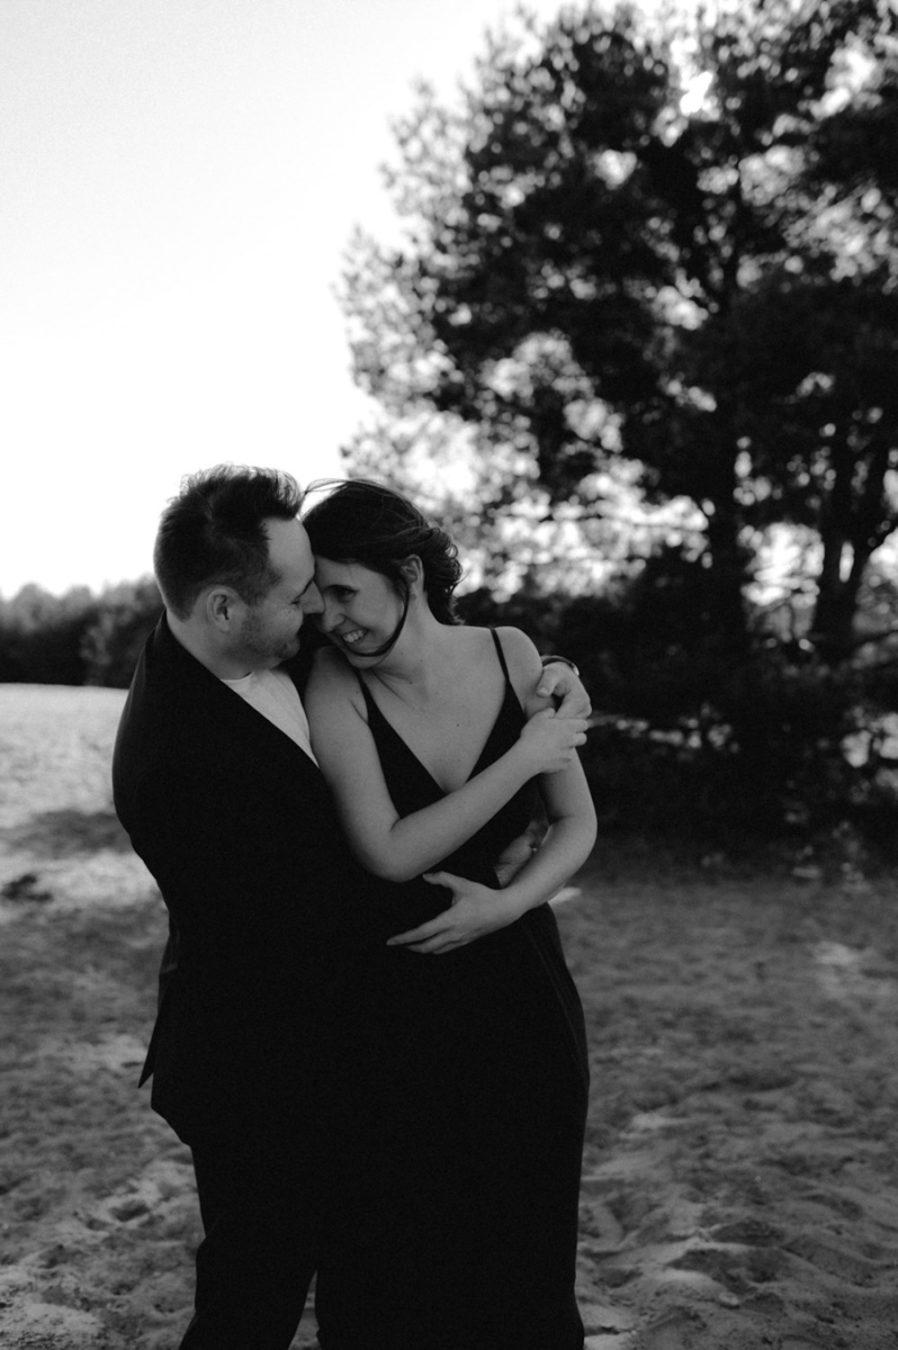 Paarshooting Paarbilder Hochzeitssfotografin Mannheim Frankfurt Pfalz Juliane Finkenberger